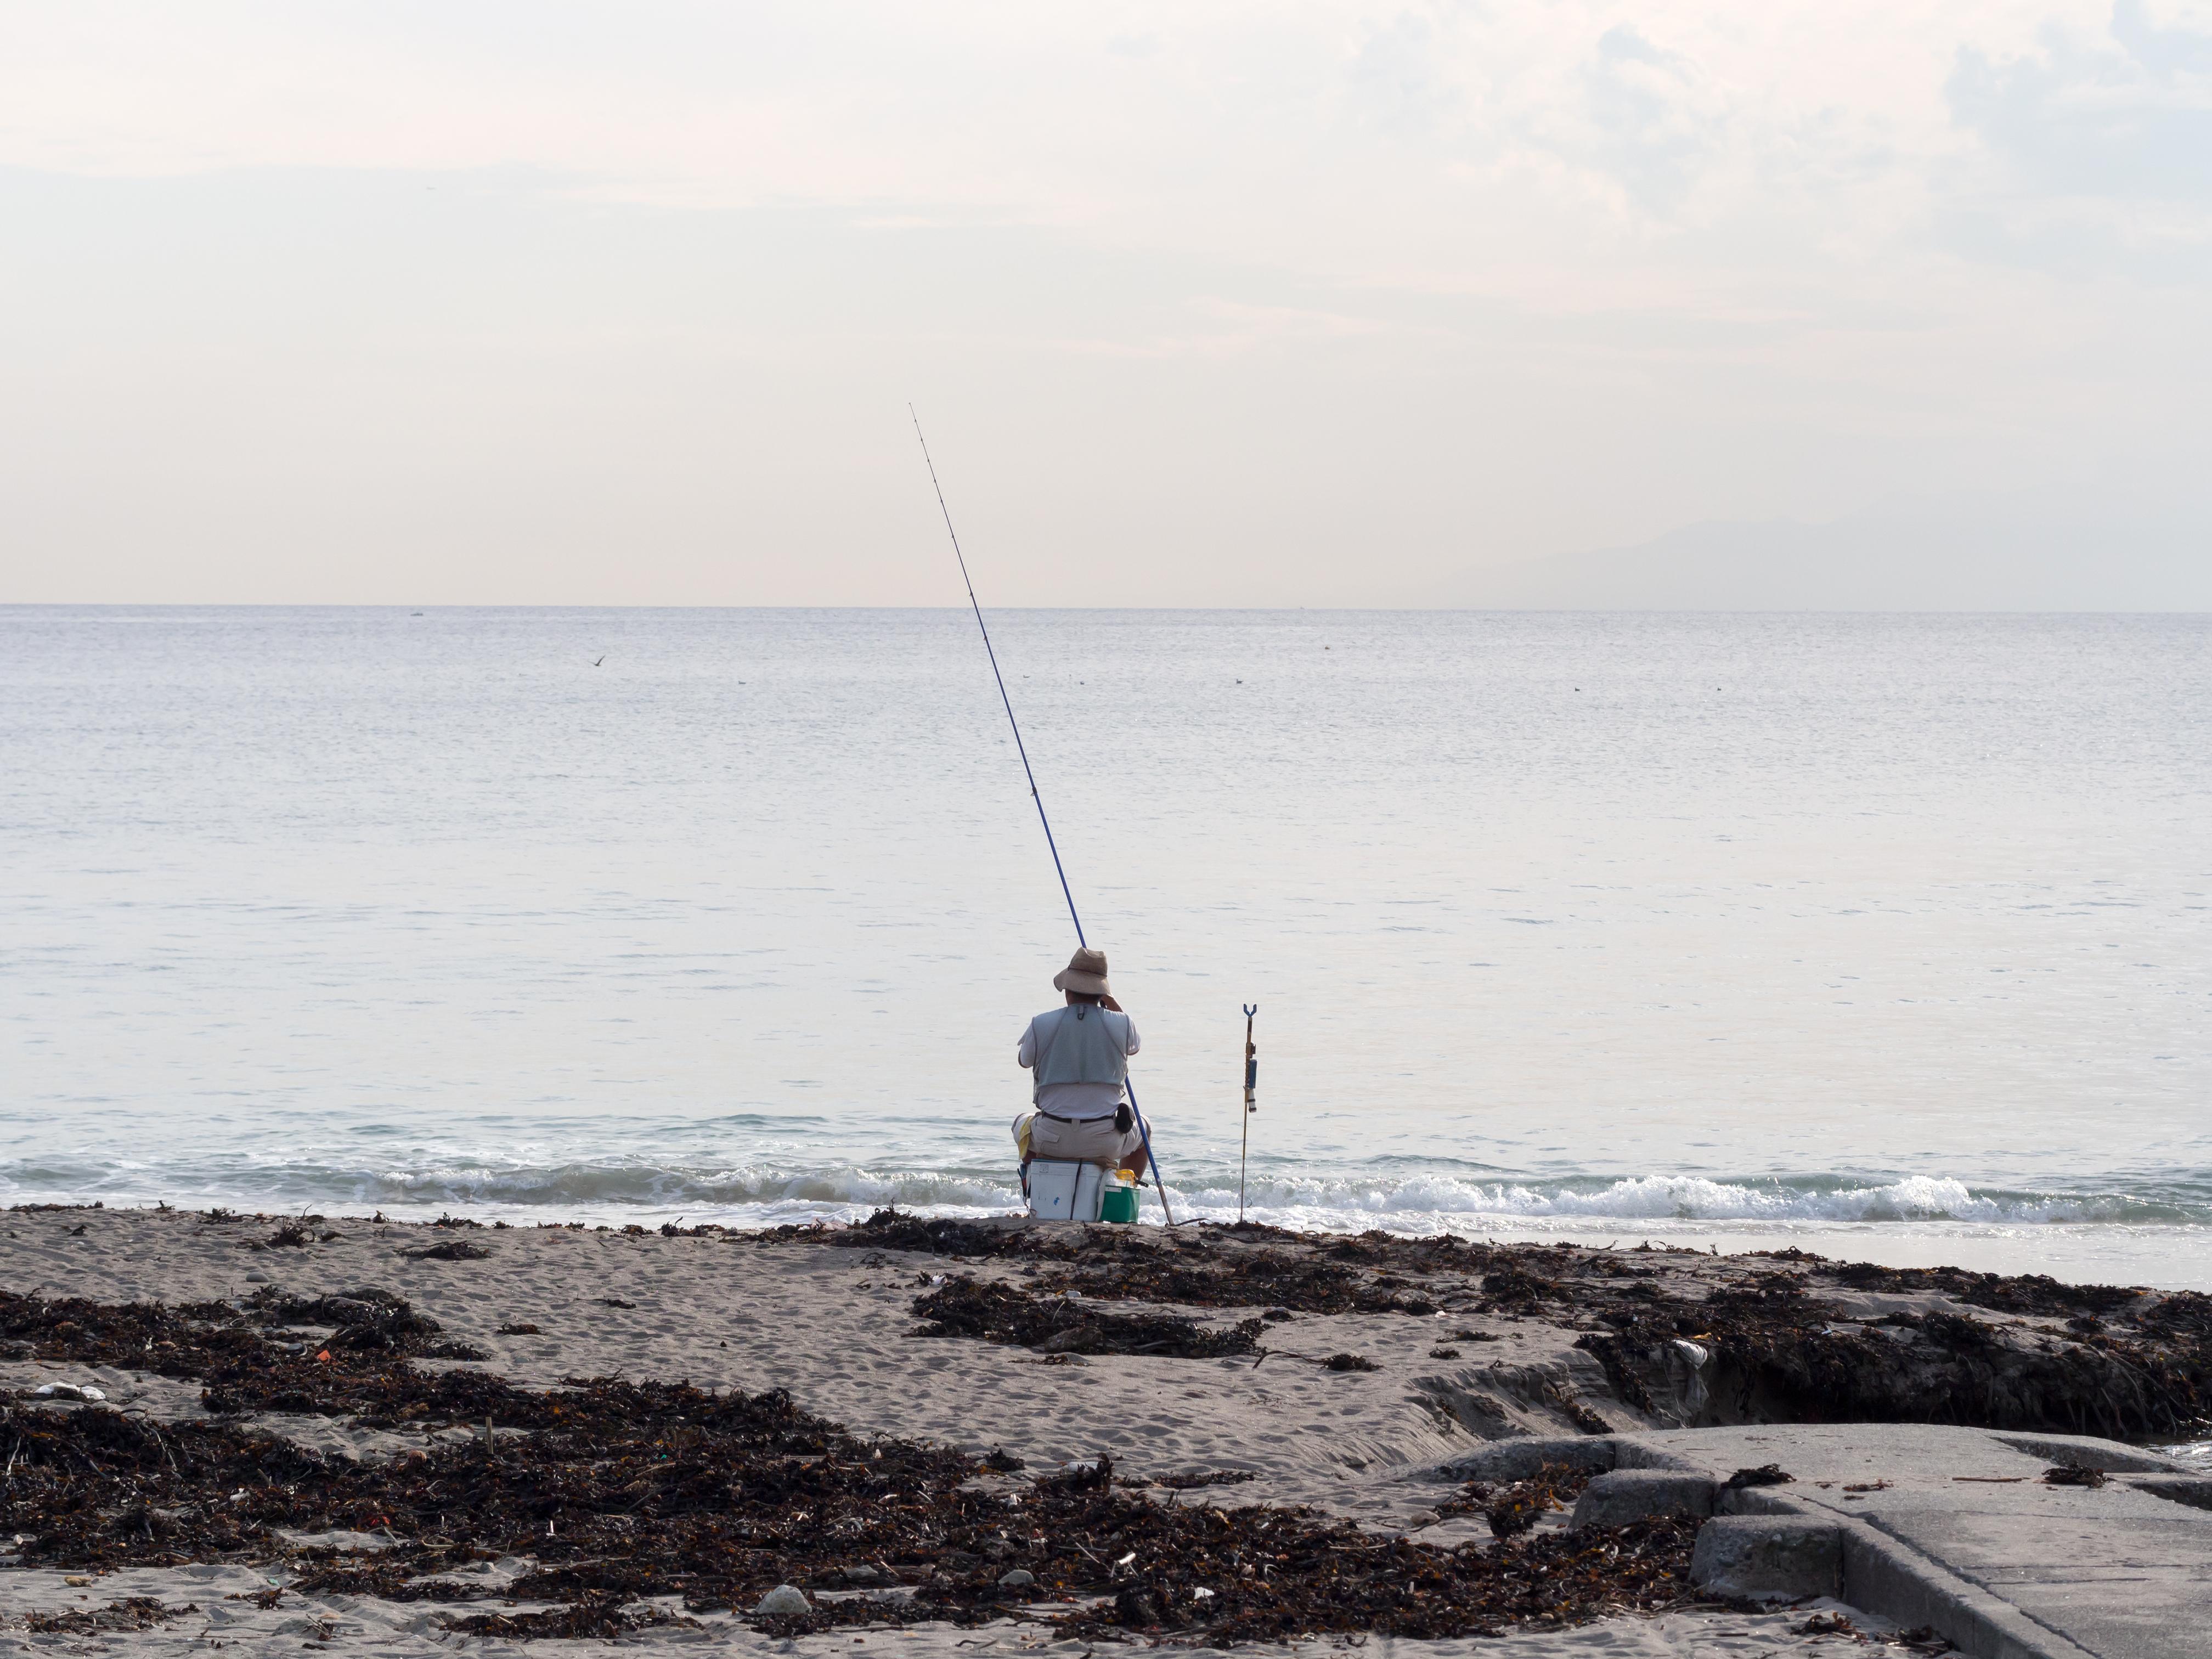 那珂湊の釣りは手ぶらでも楽しめる!人気スポットは混雑にも注意!